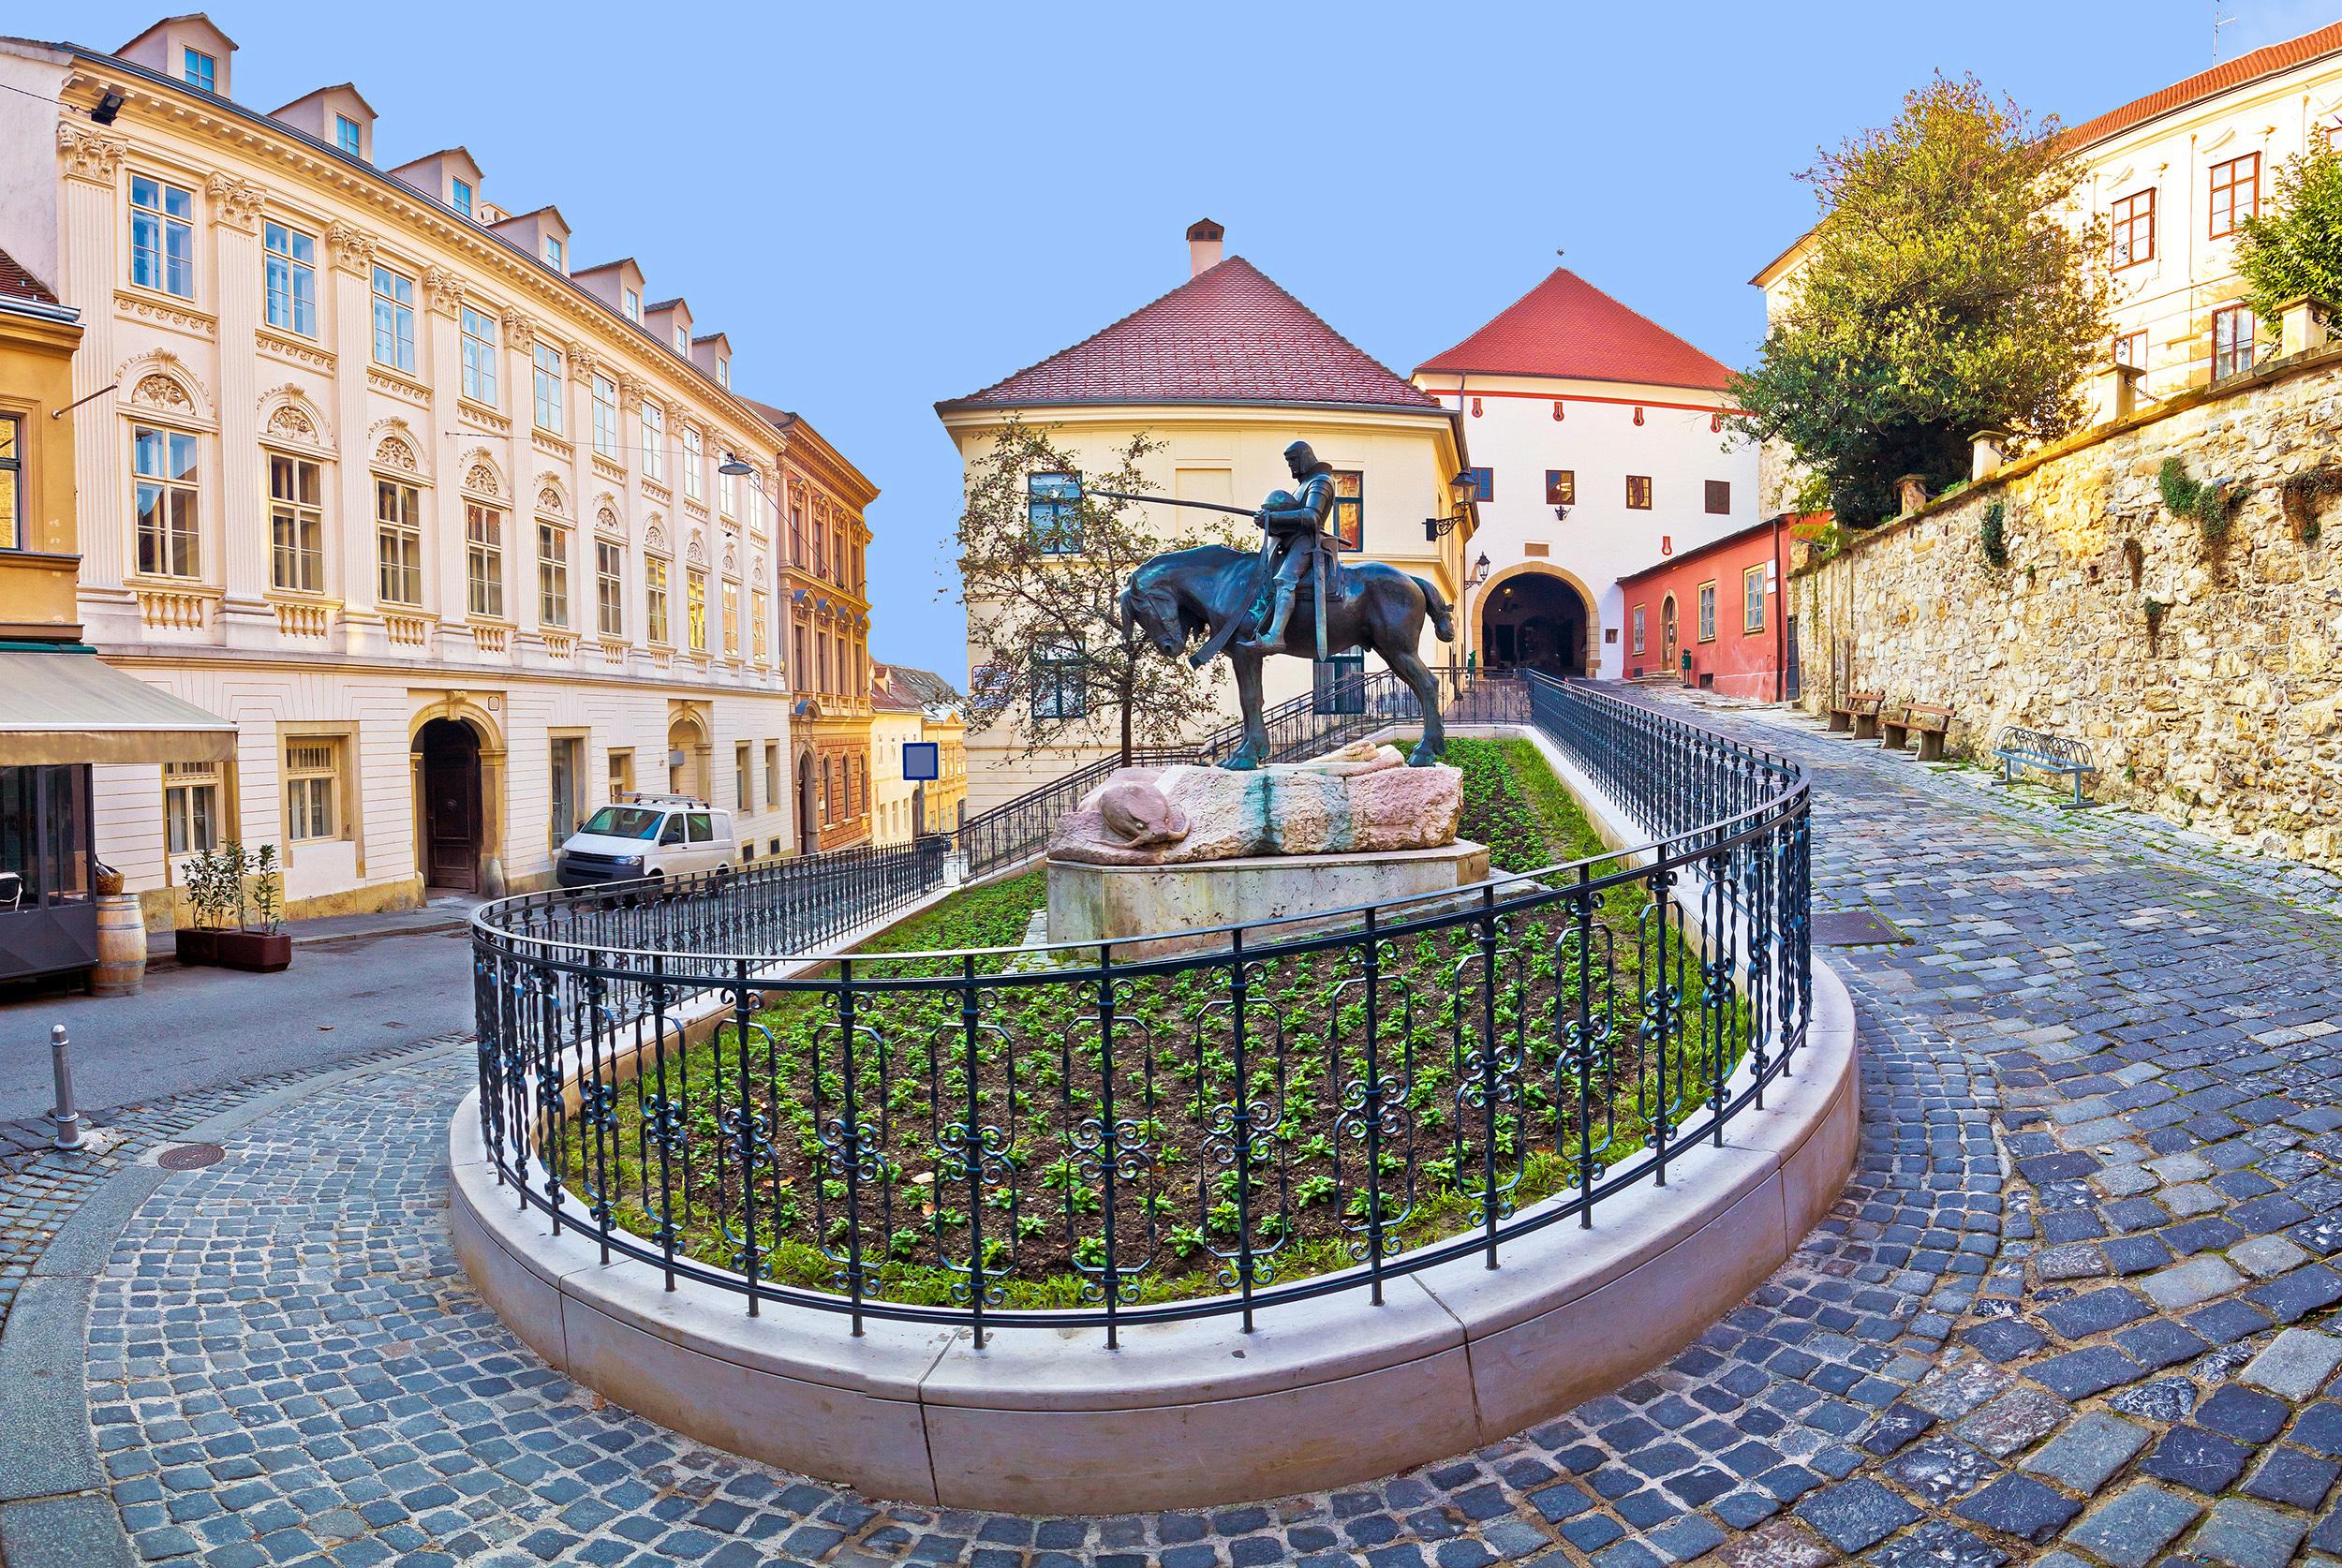 Ponle una vela a la virgen más venerada de Zagreb - Croacia Circuito Eslovenia e Istria